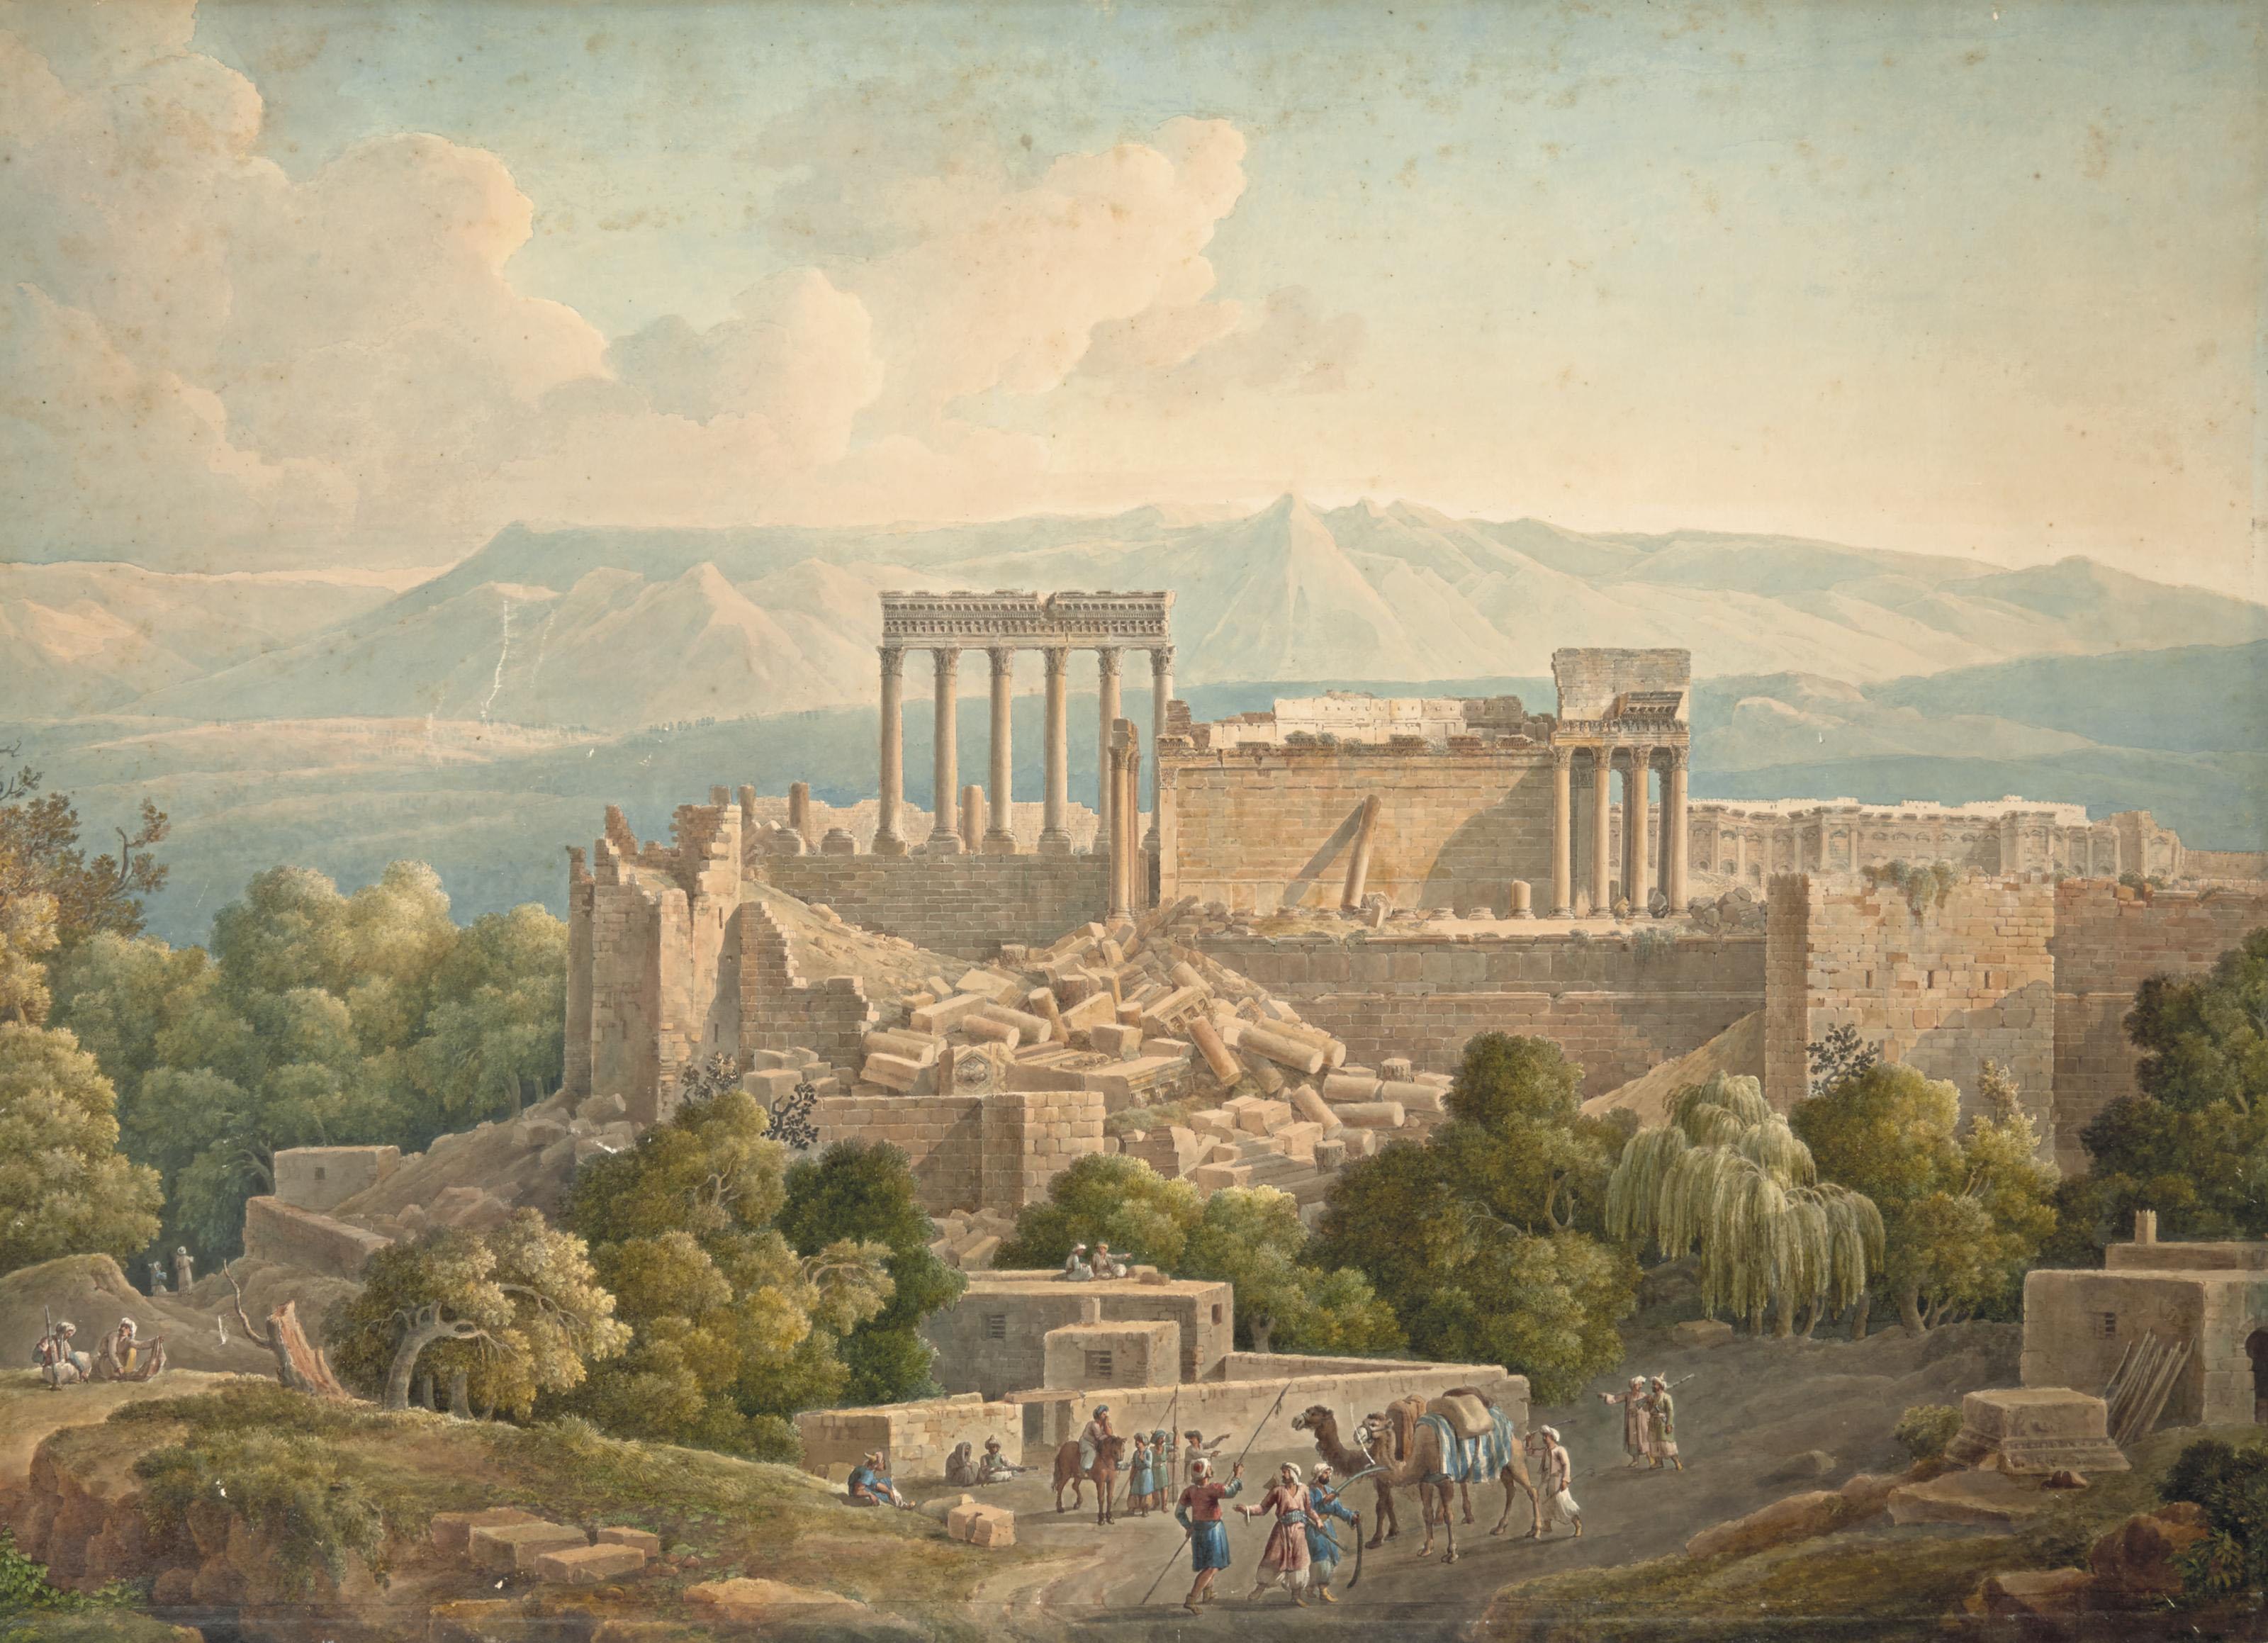 Vue de Baalbek, au Liban, un groupe de chameliers au premier plan